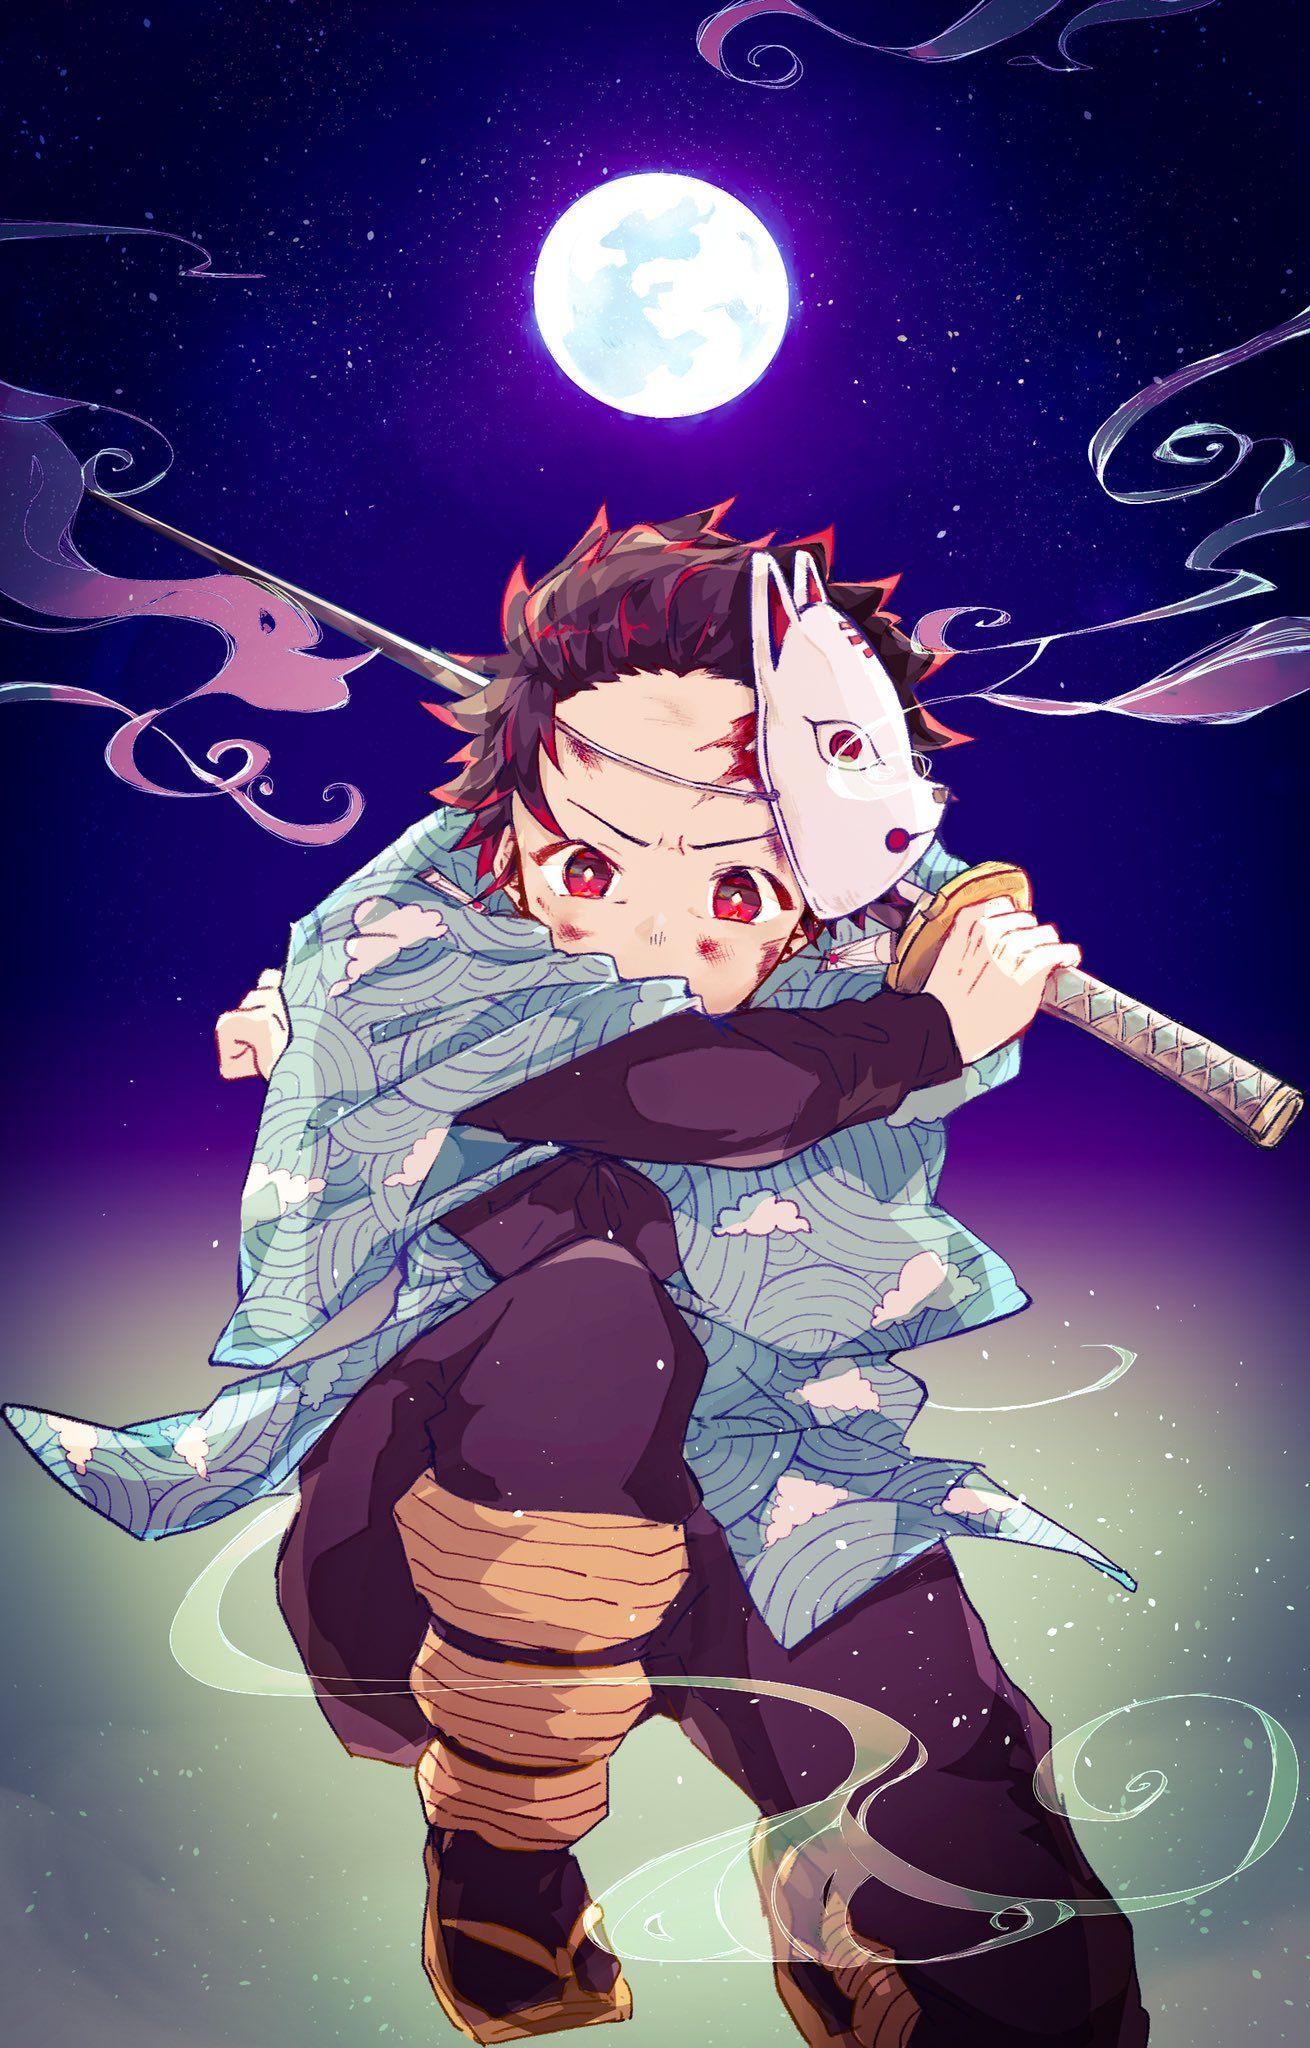 Pin de blck• em 鬼滅の刃 Personagens de anime, Estilo anime